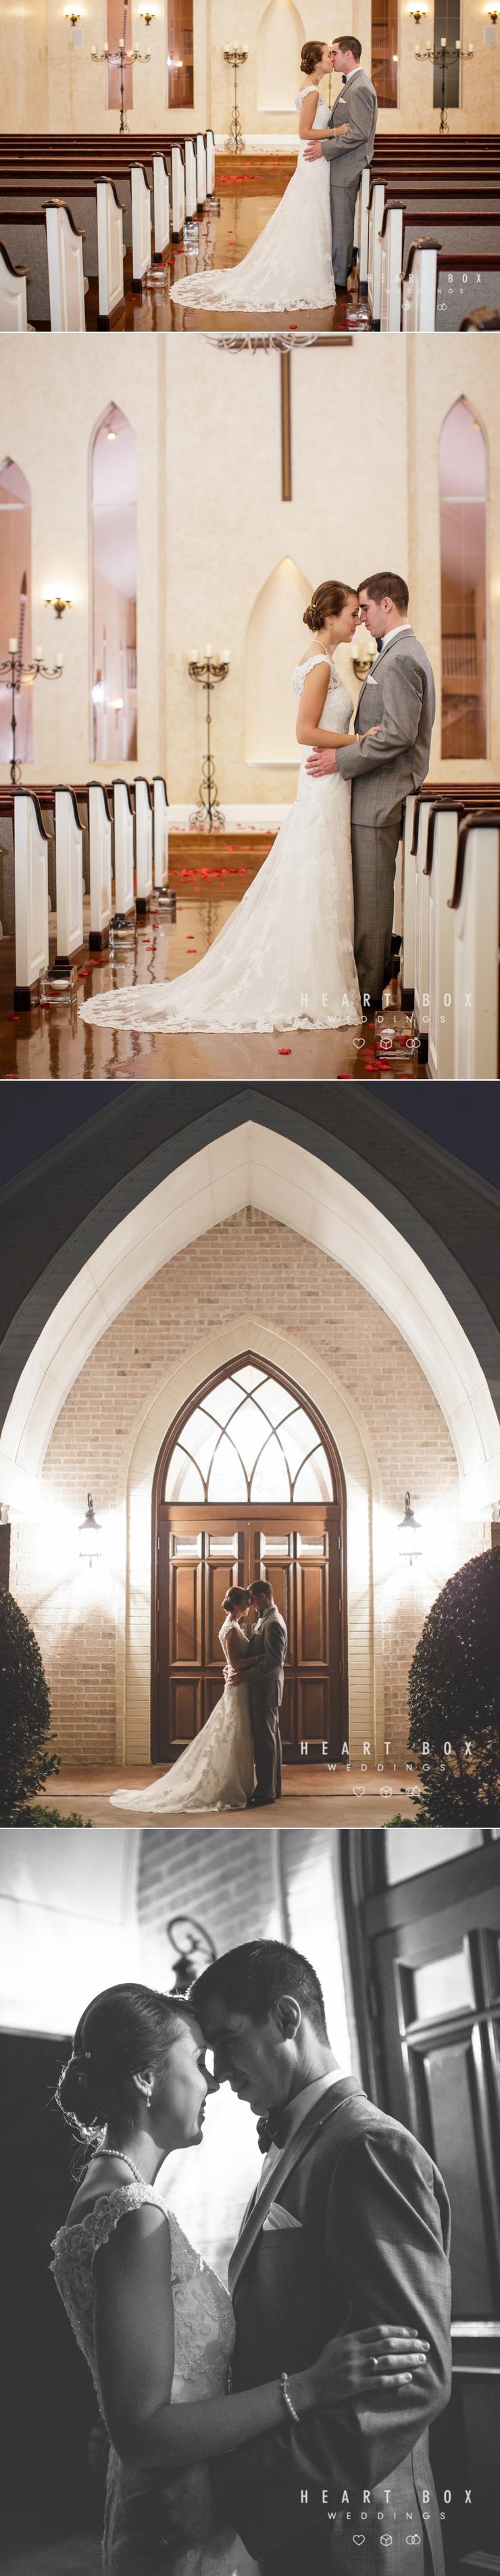 Northeast Wedding Chapel Photography